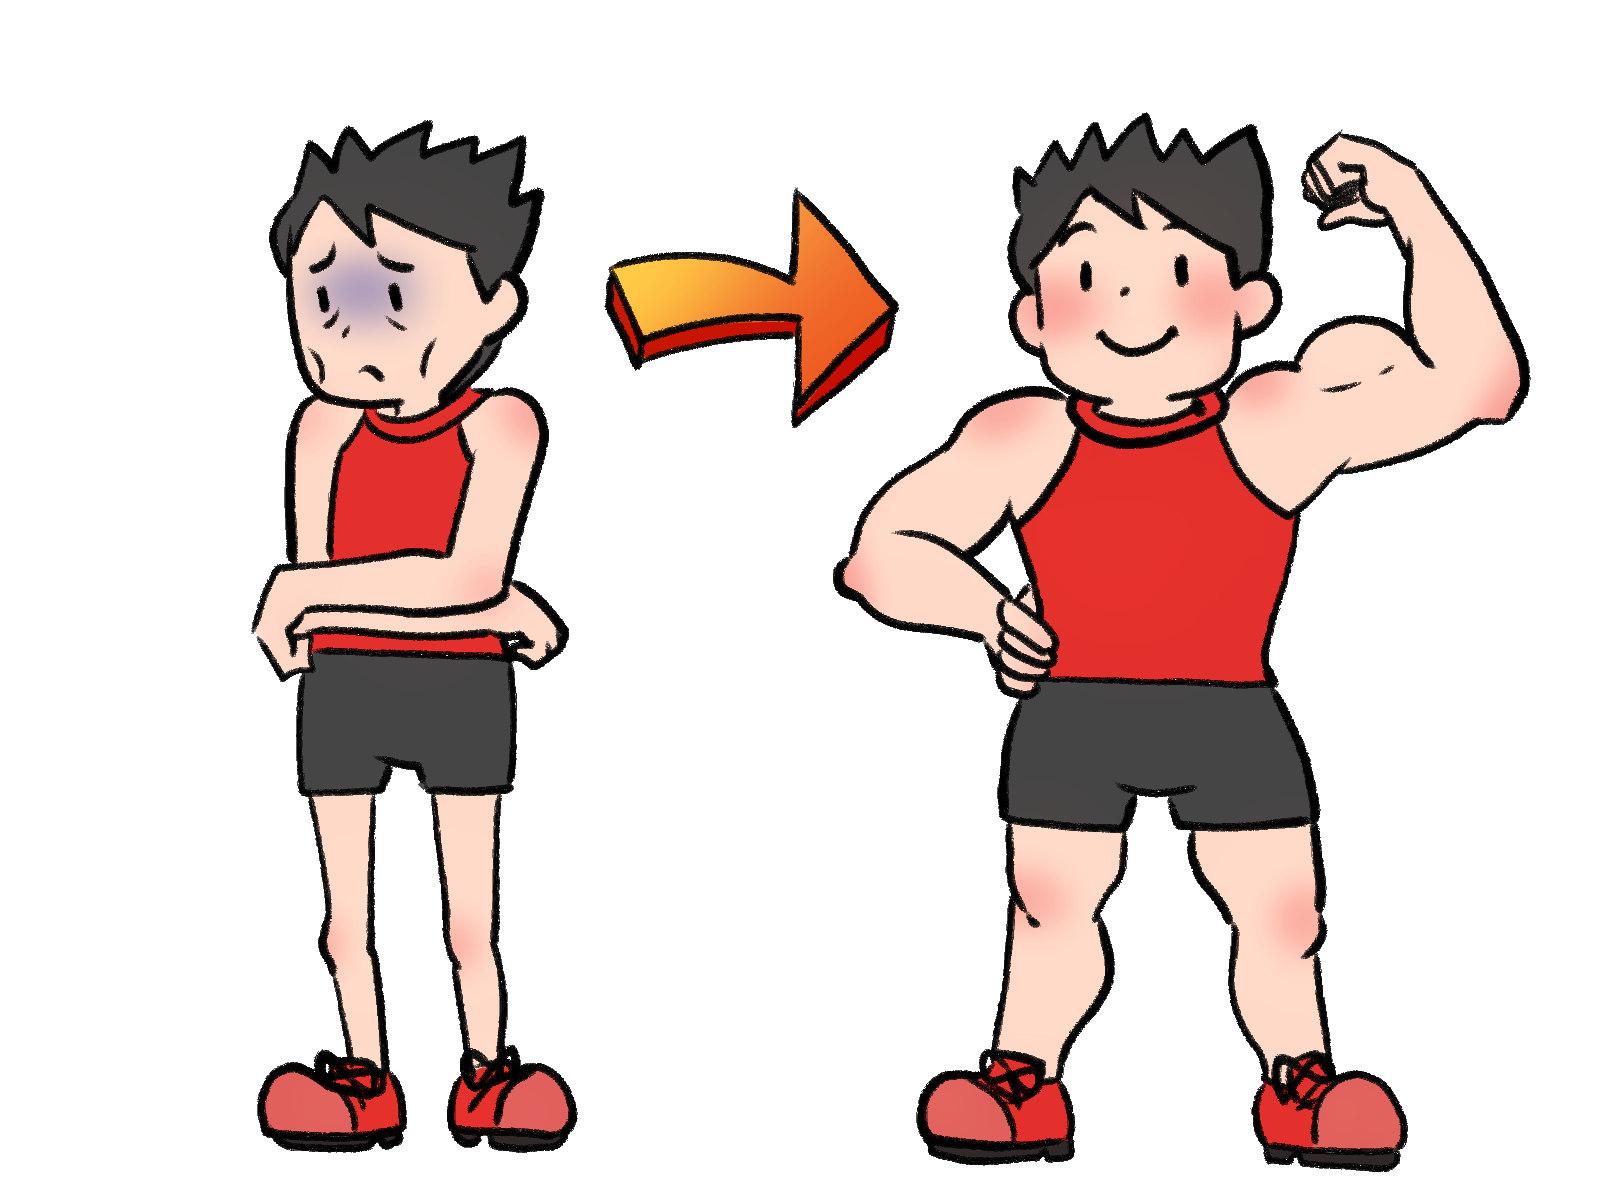 ただ痩せるのではなく、筋肉をつけて痩せる